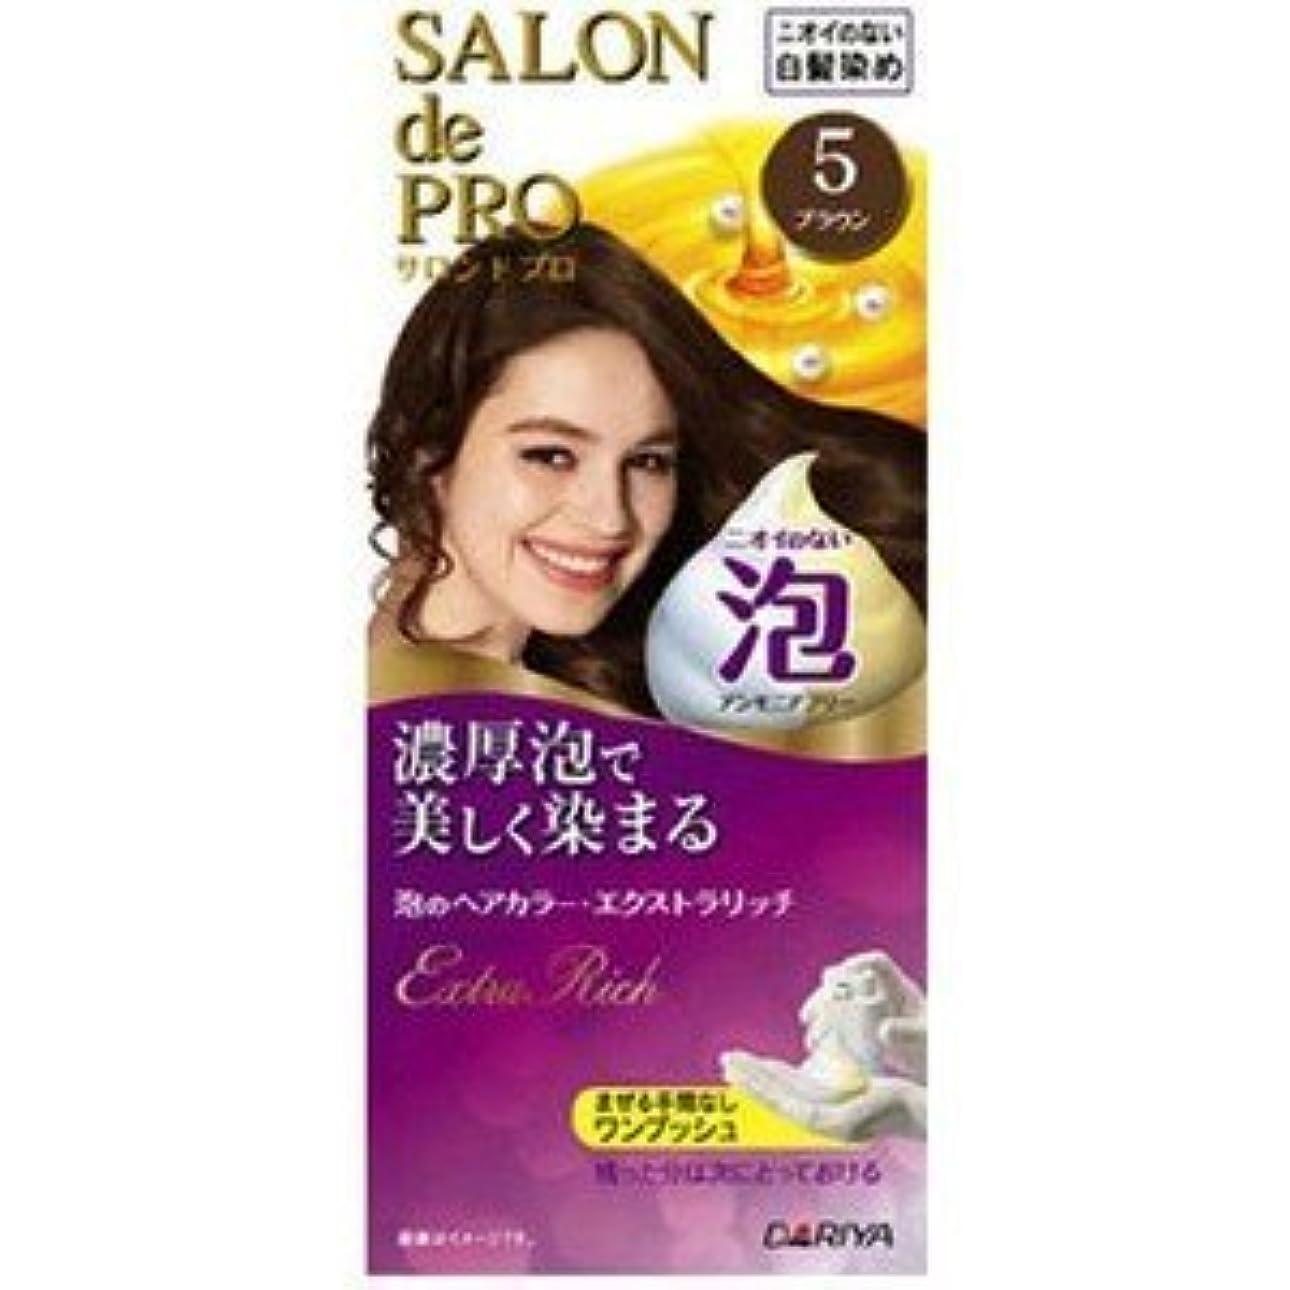 【ダリヤ】サロンドプロ 泡のヘアカラー?エクストラリッチ 5 ブラウン(医薬部外品)